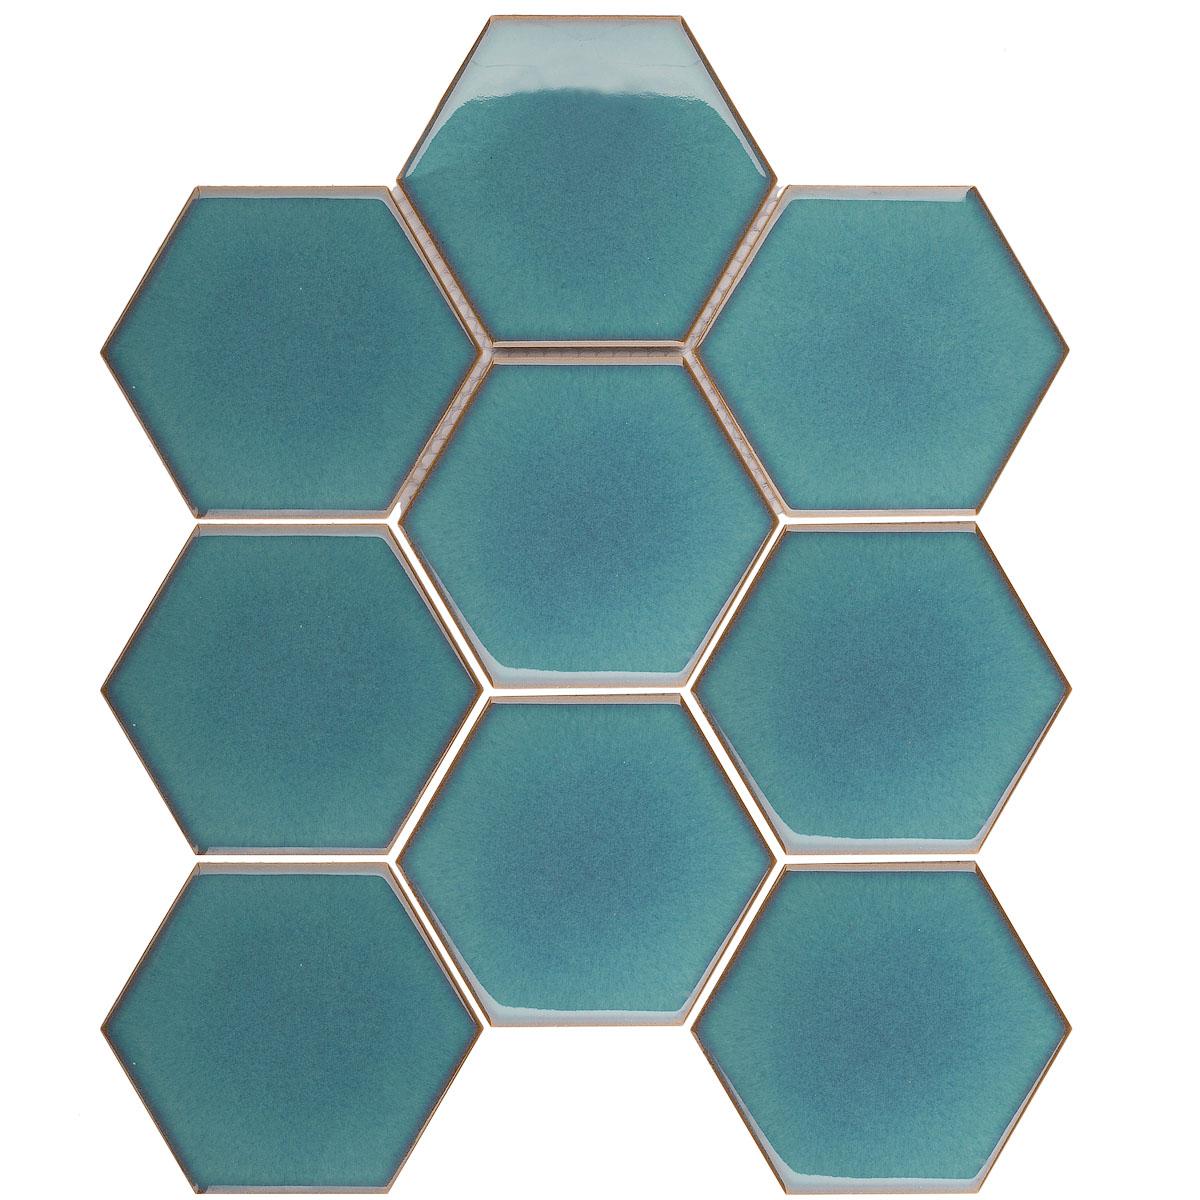 Керамическая мозаика Hexagon big Green Glossy (JJFQ80071) на сетке